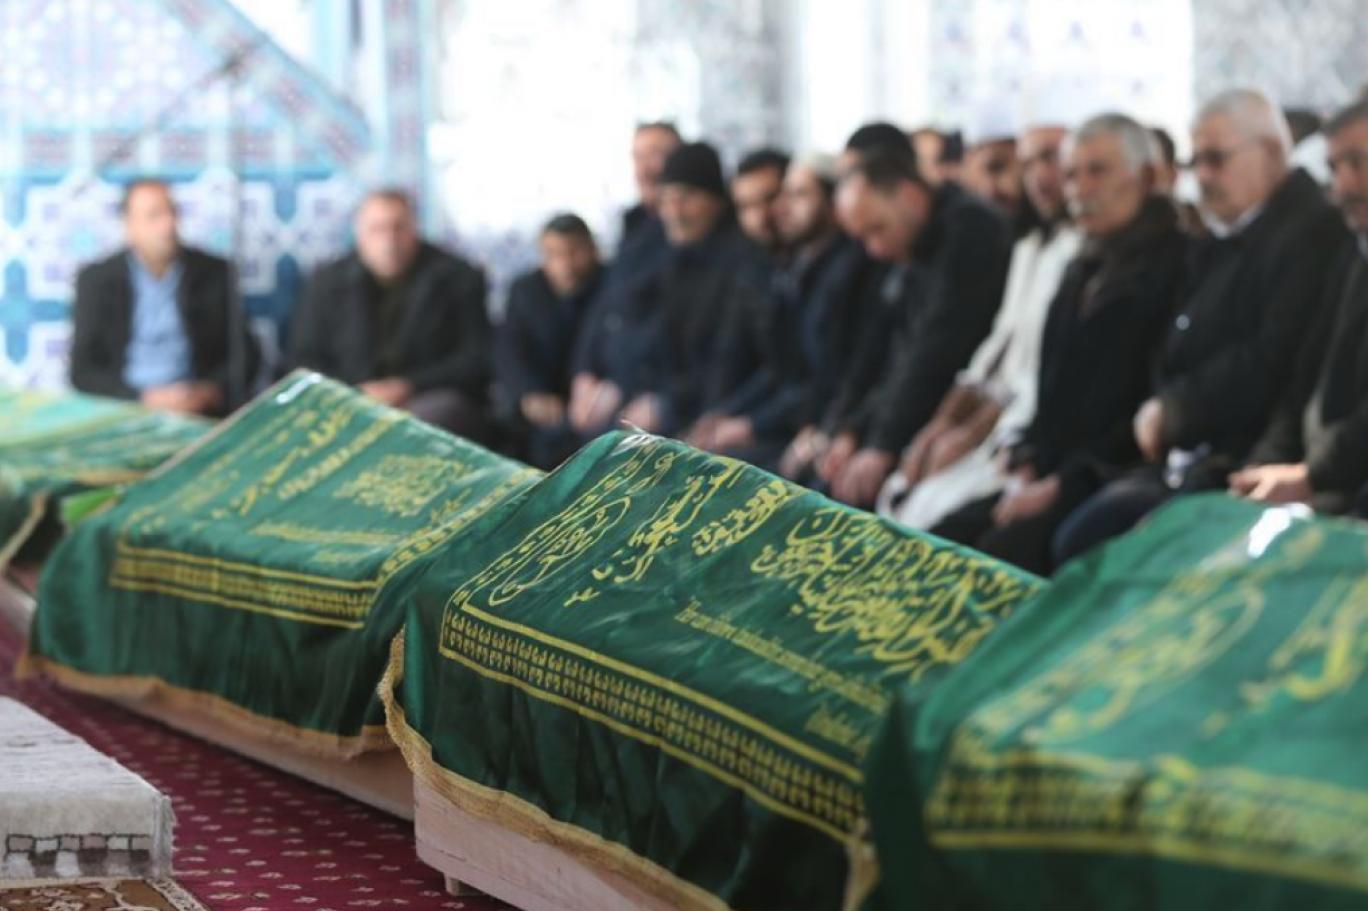 Tam kapanmada cenazelere katılım da sınırlandırıldı